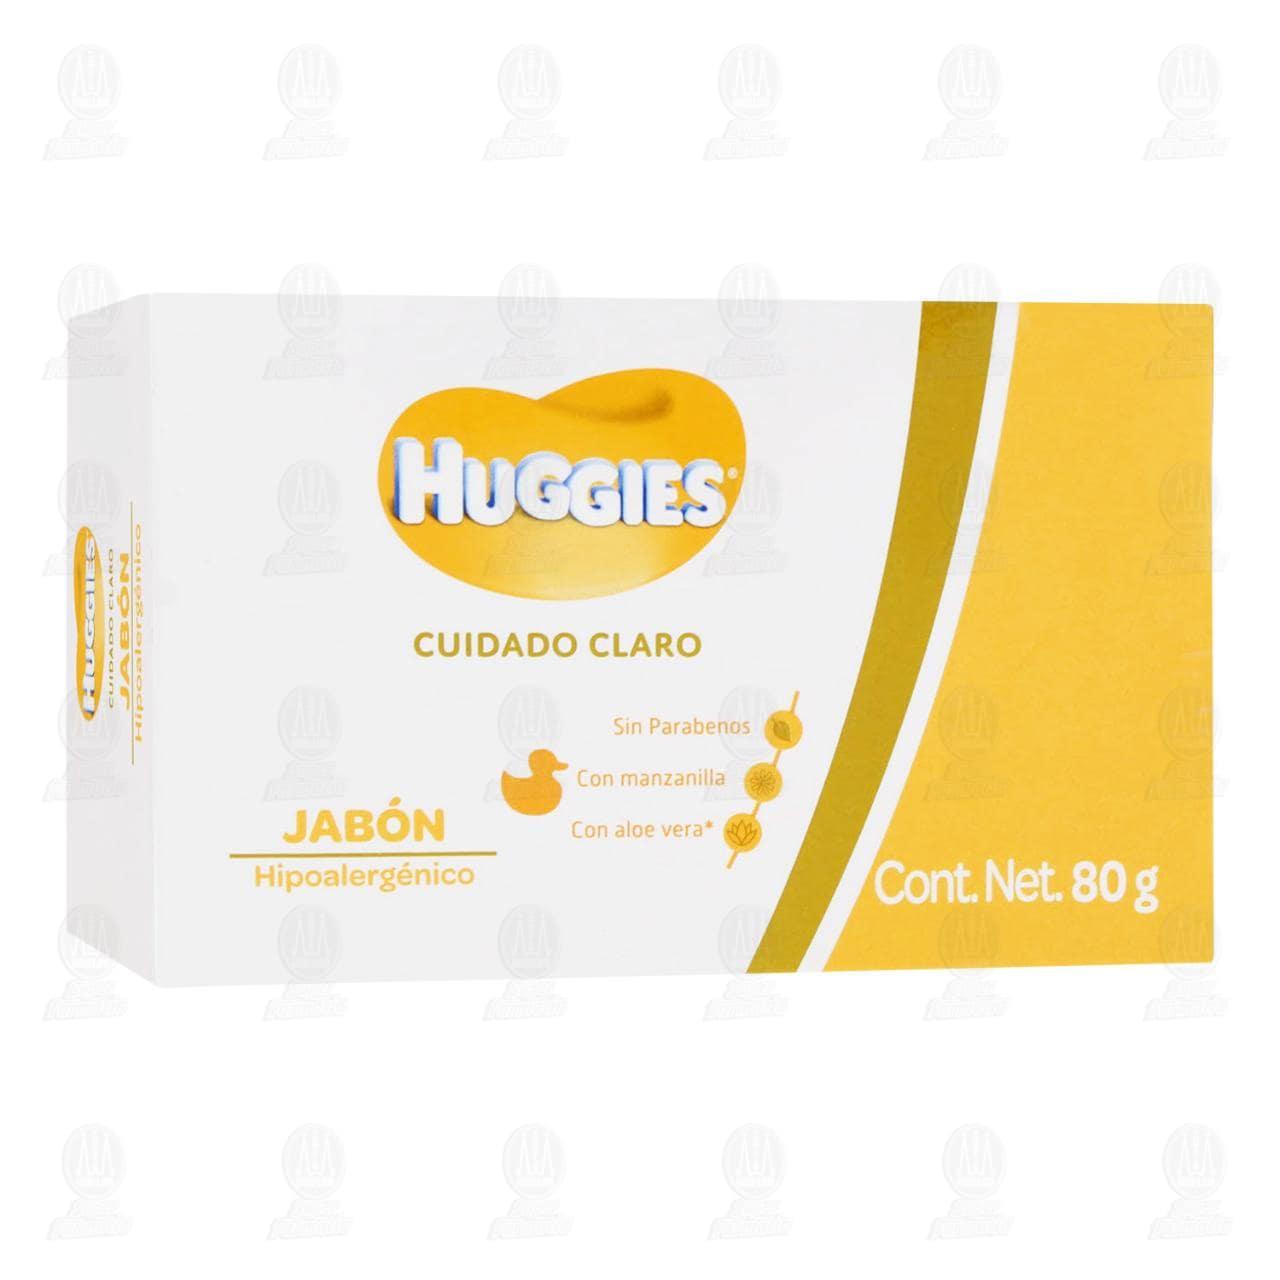 Comprar Jabón Corporal Huggies Cuidado Claro Manzanilla Aloe, 80 gr. en Farmacias Guadalajara